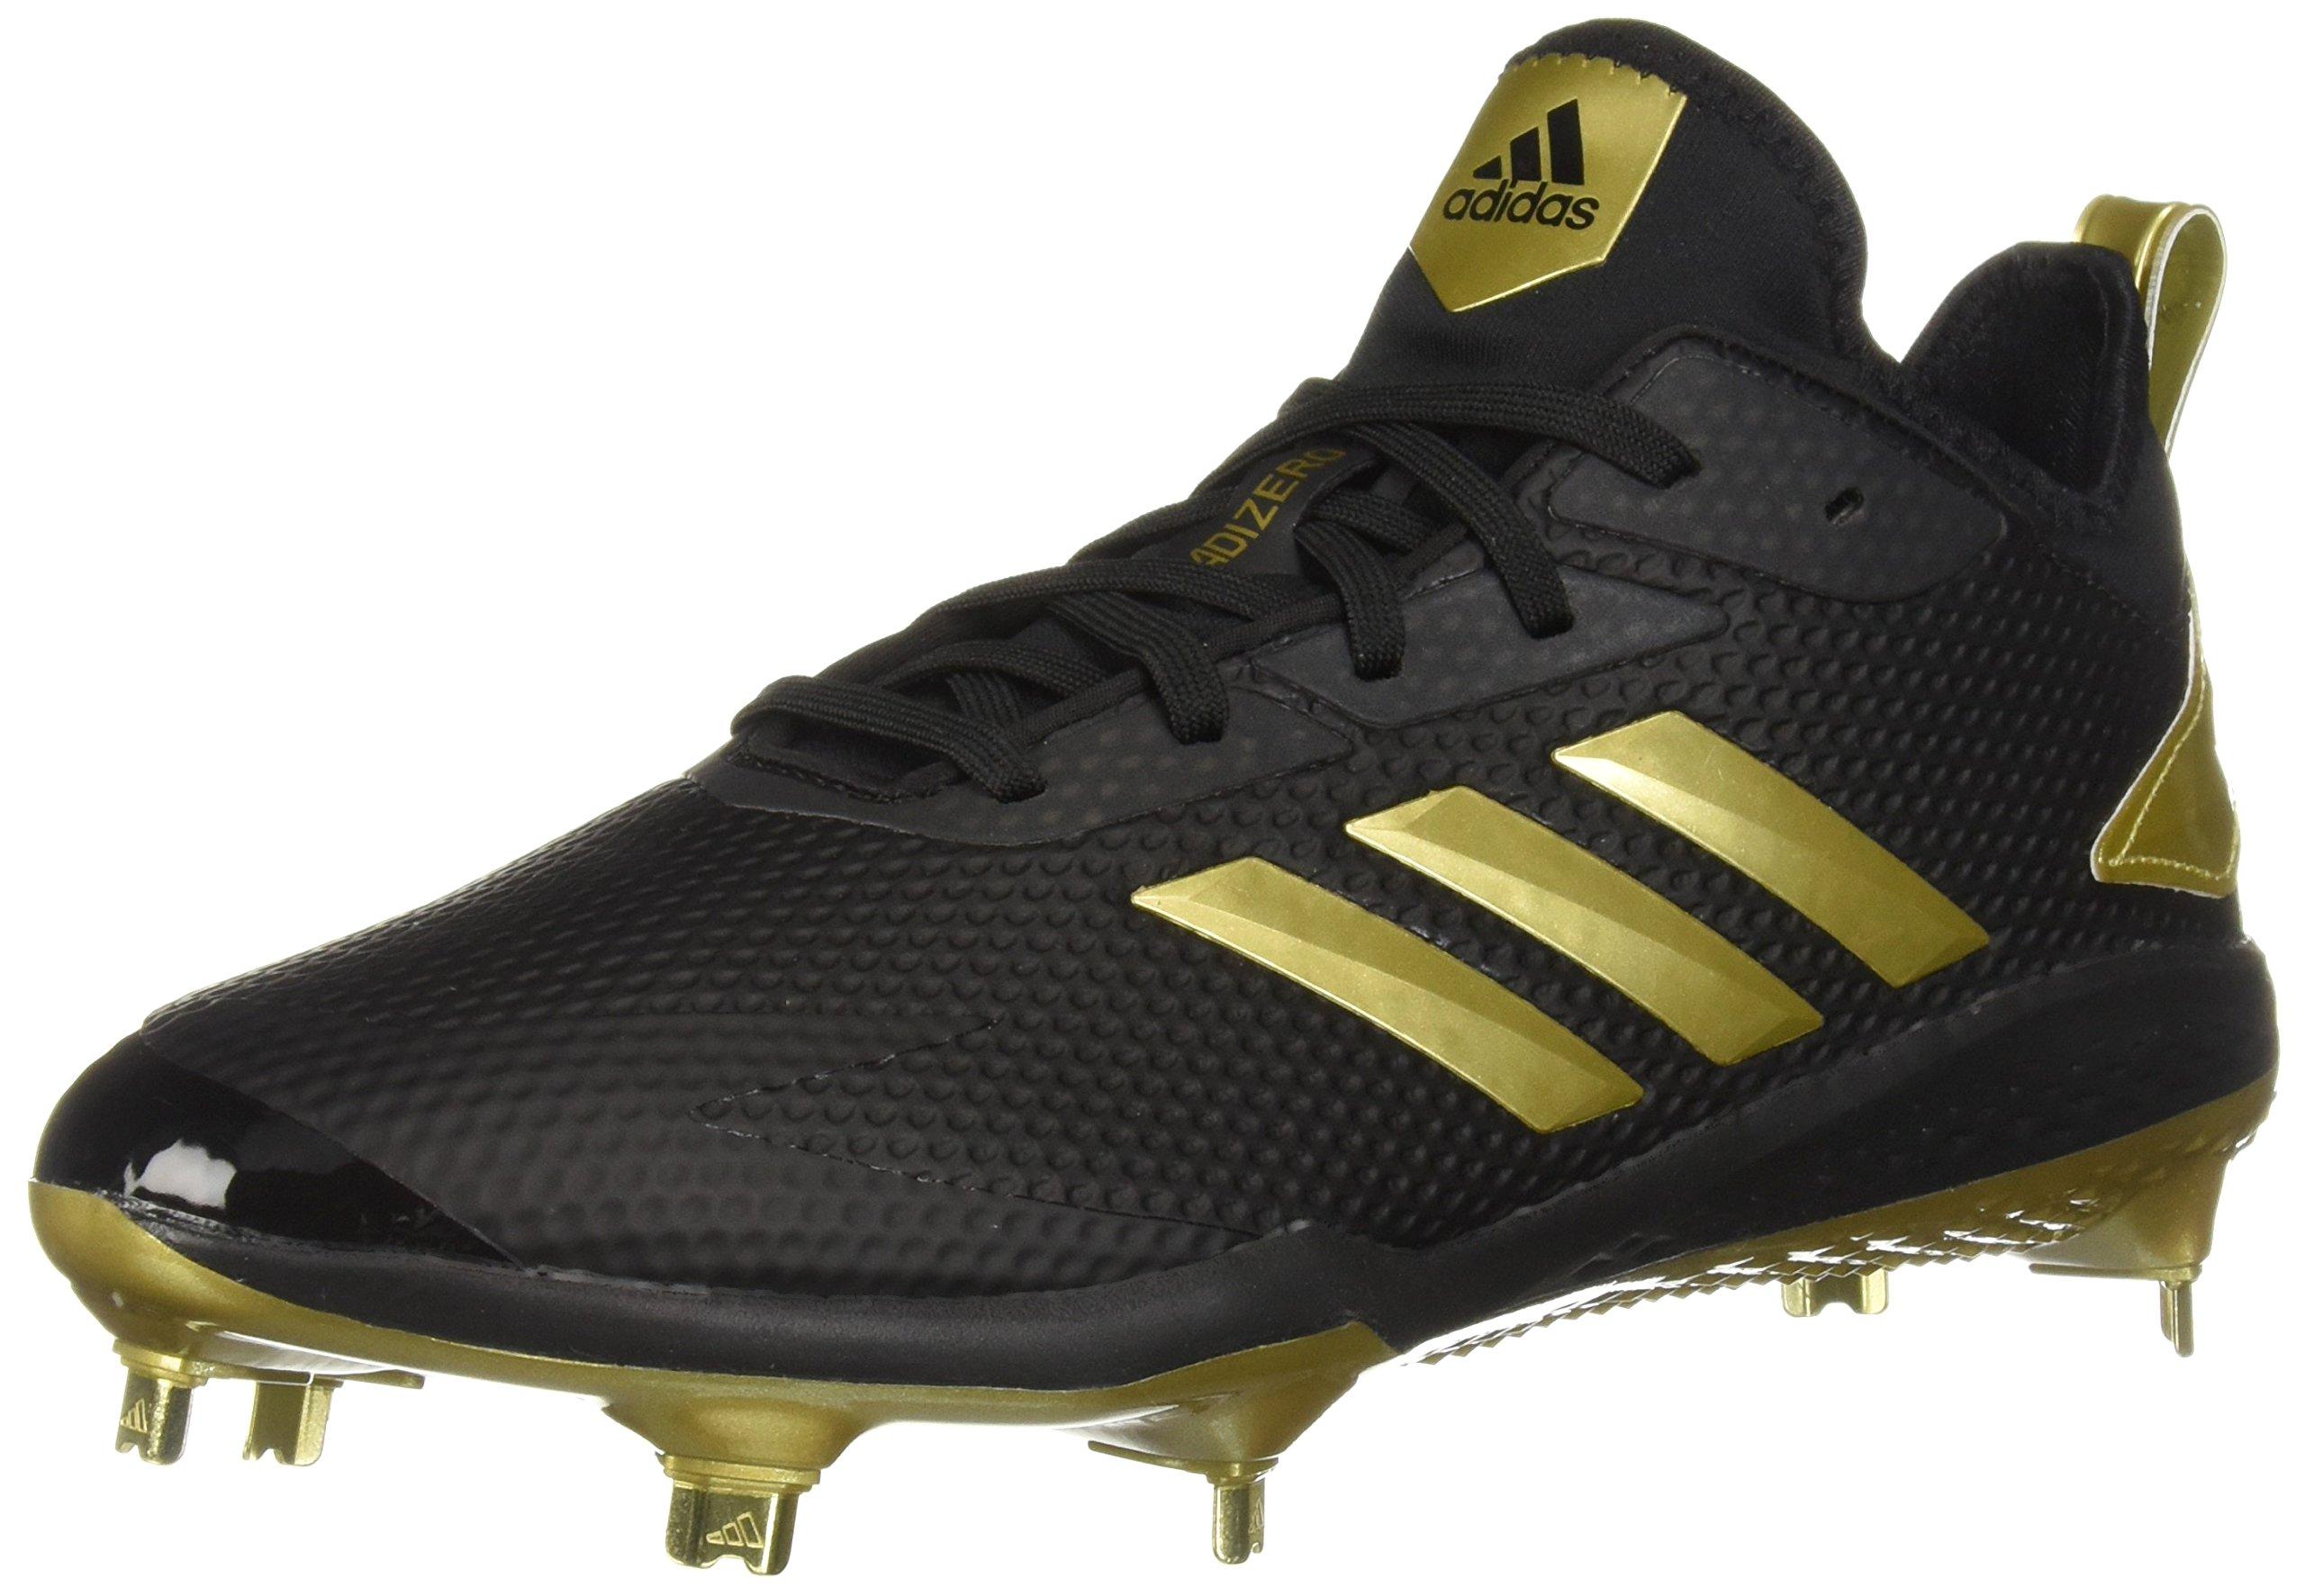 adidas Men's Adizero Afterburner V Baseball Shoe, Black/Gold Metallic/Gold Metallic, 9 M US by adidas